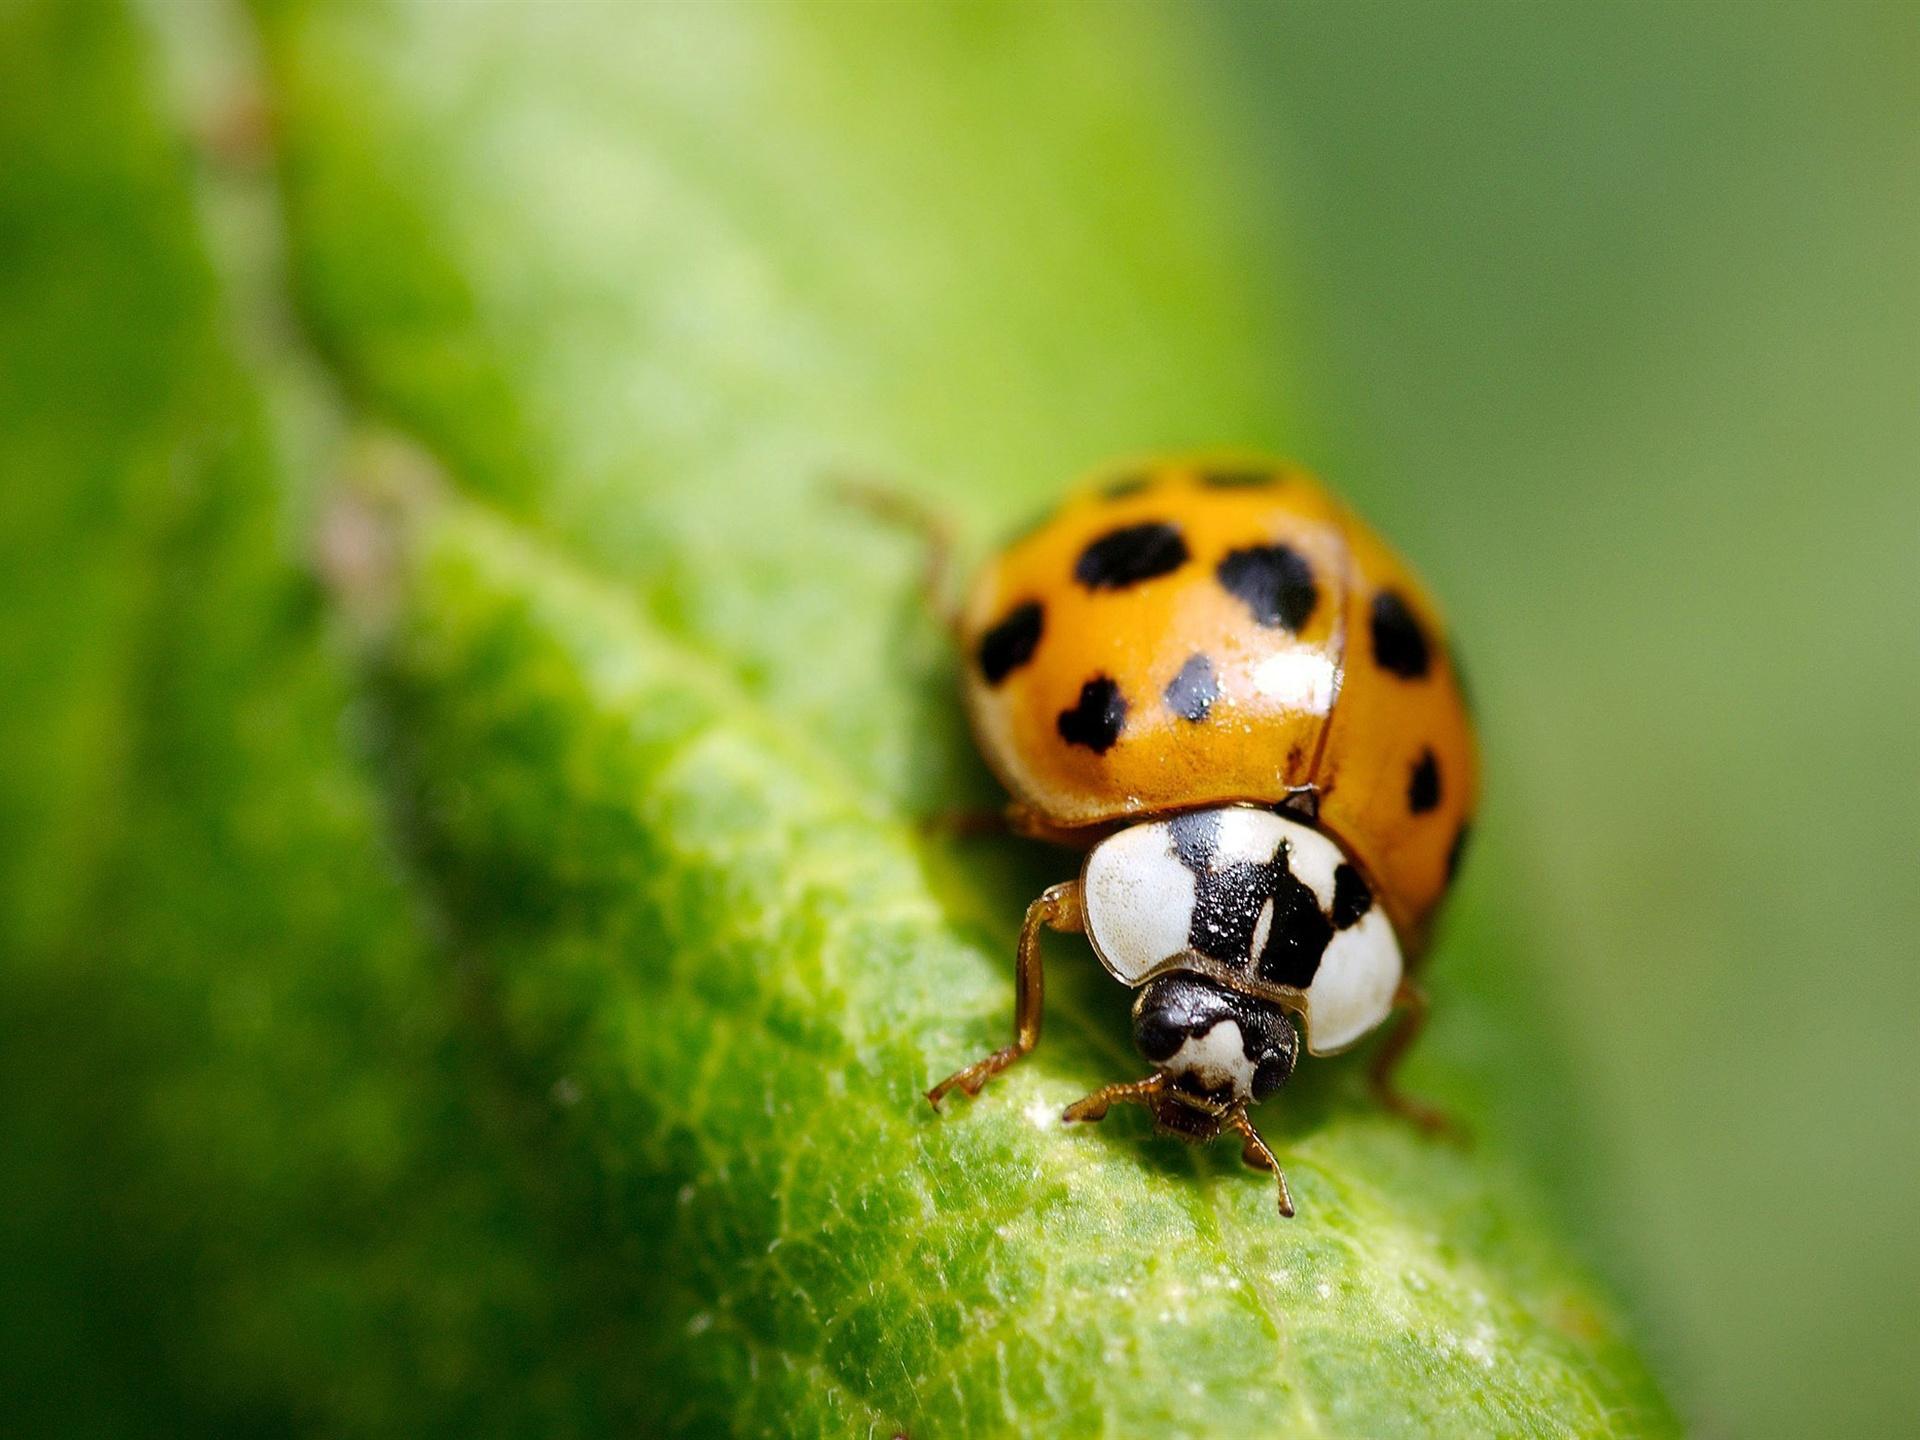 природа трава божья коровка животные насекомое бесплатно